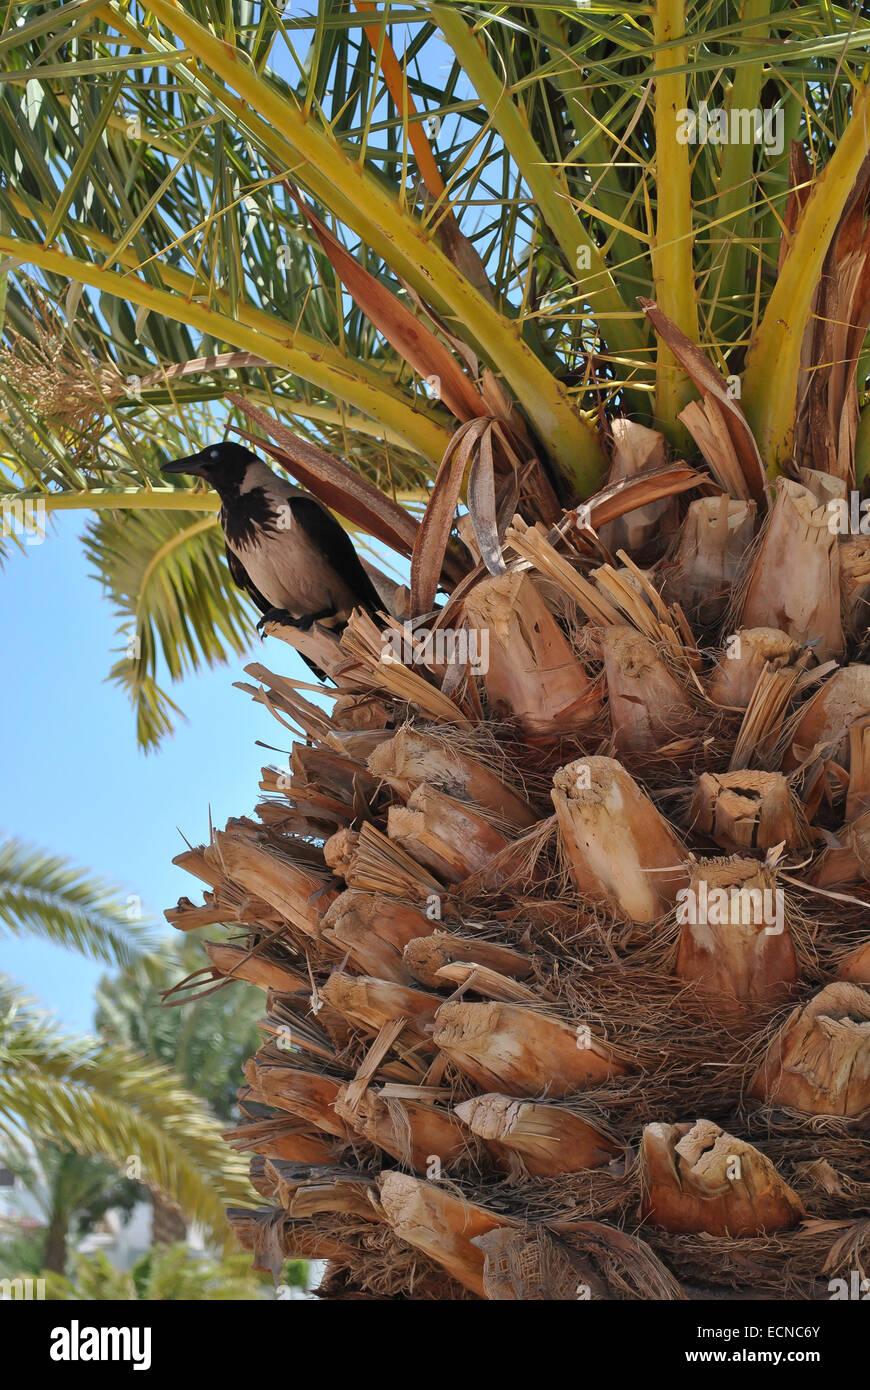 Un corvo sulla parte superiore del palm tree Immagini Stock